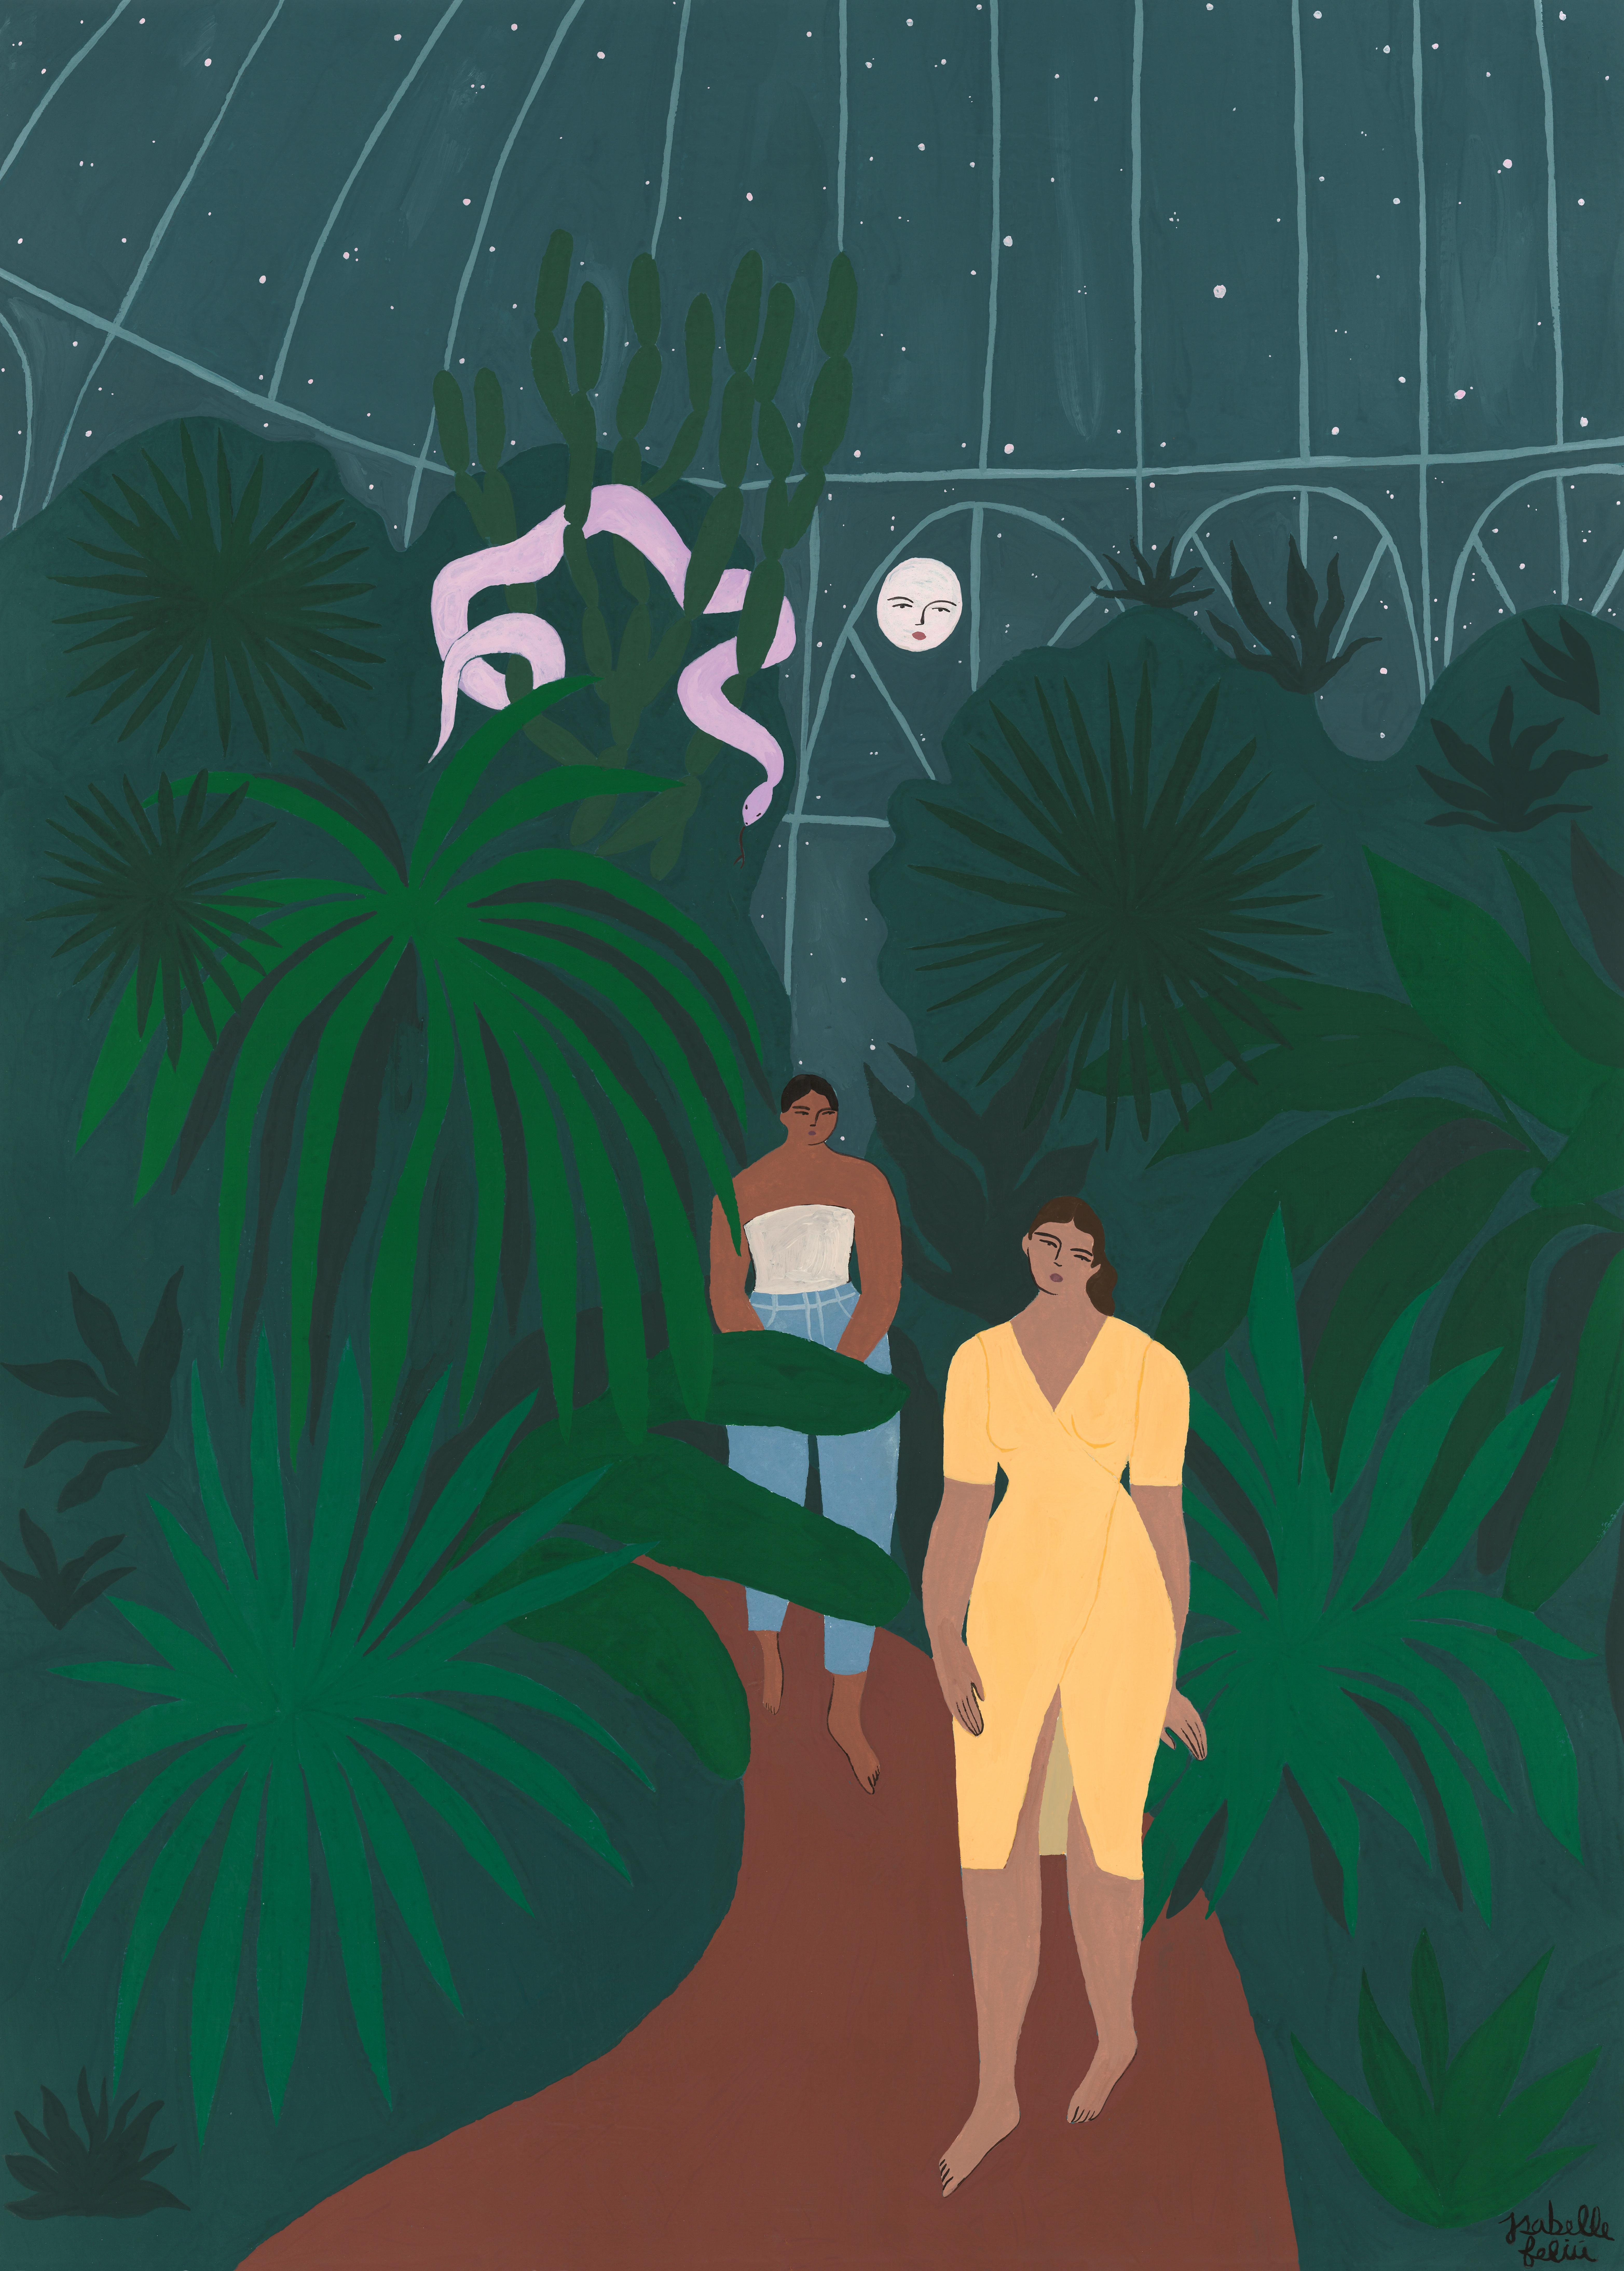 Le Jardin de Nuit by Isabelle Feliu